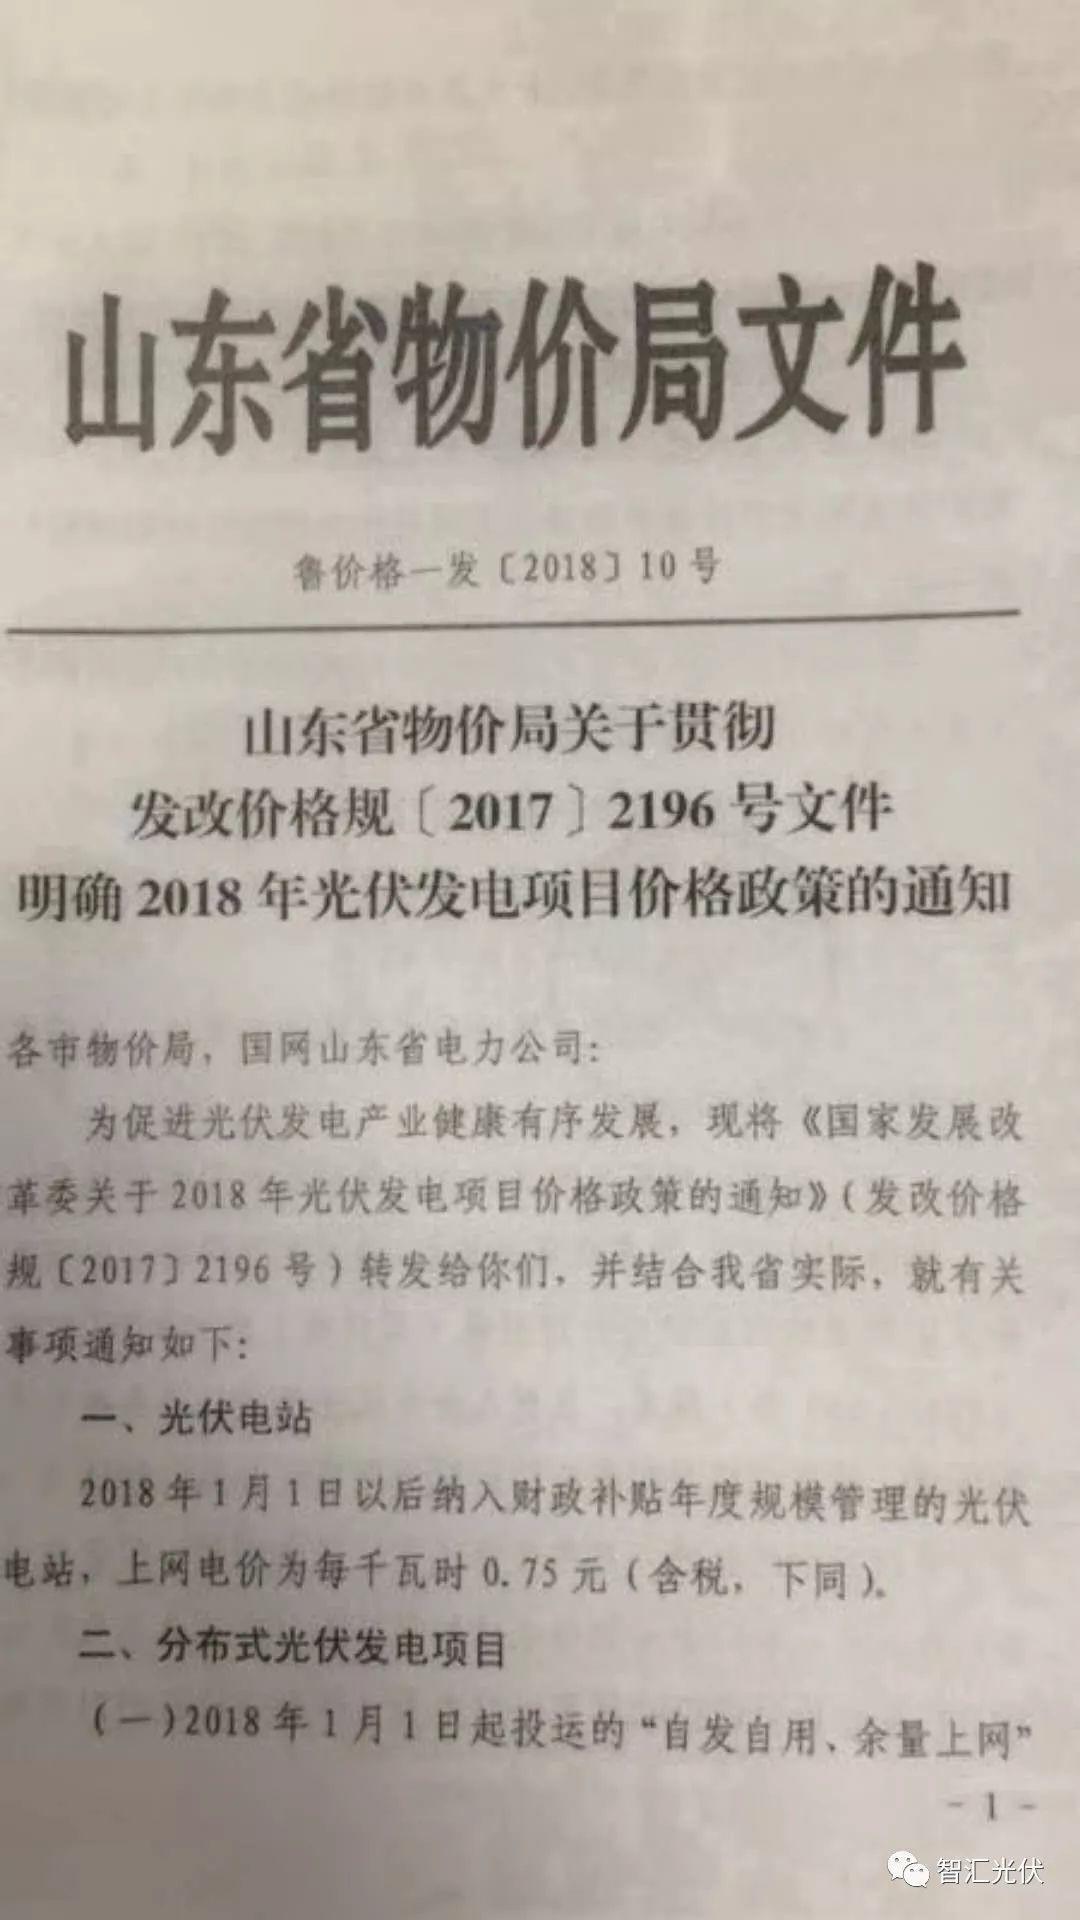 山东省明确省内2018年光伏上网电价